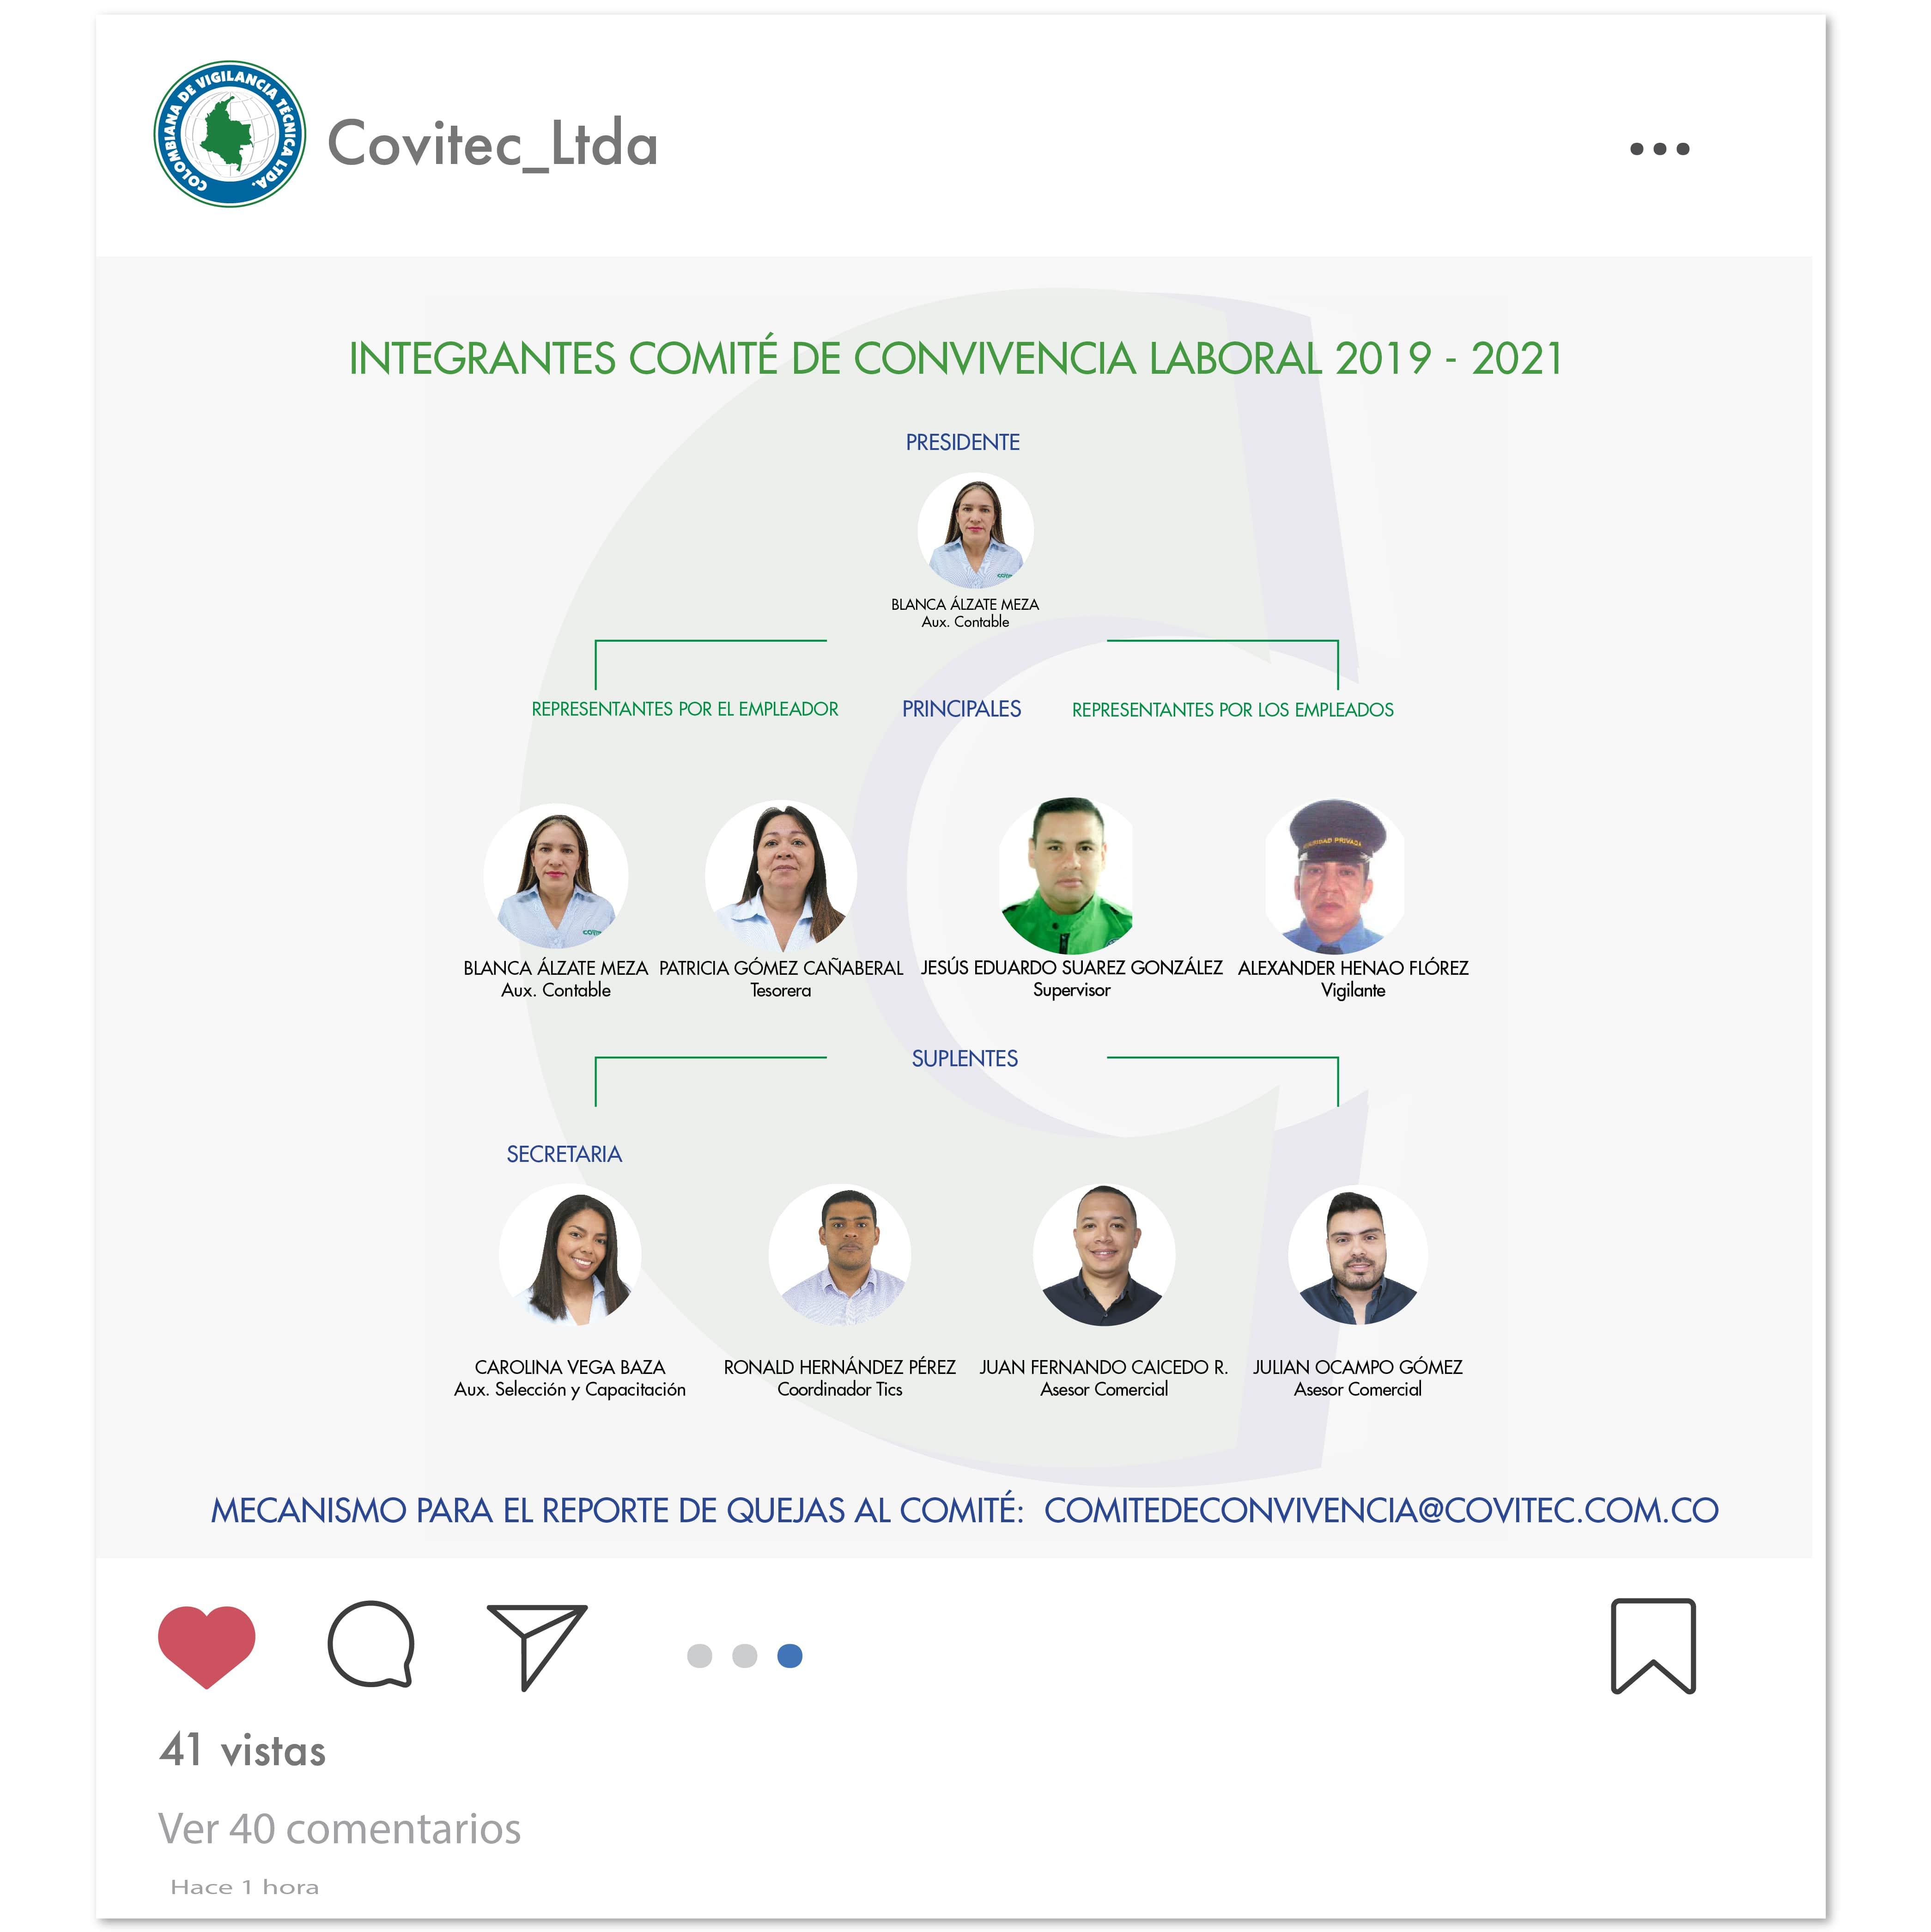 2 INTEGRANTES COMITÉ DE CONVIVENCIA LABORAL  2019 - 2021- insta-01-min